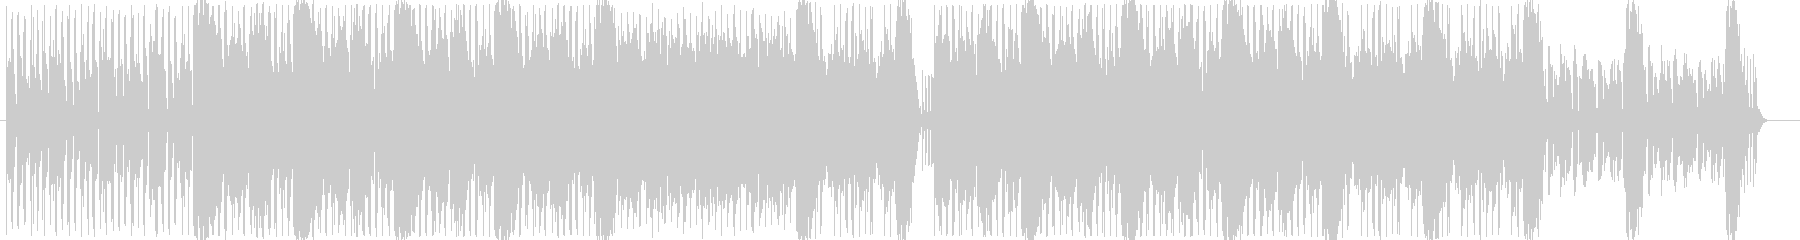 スローテンポの優しいBGMの未再生の波形